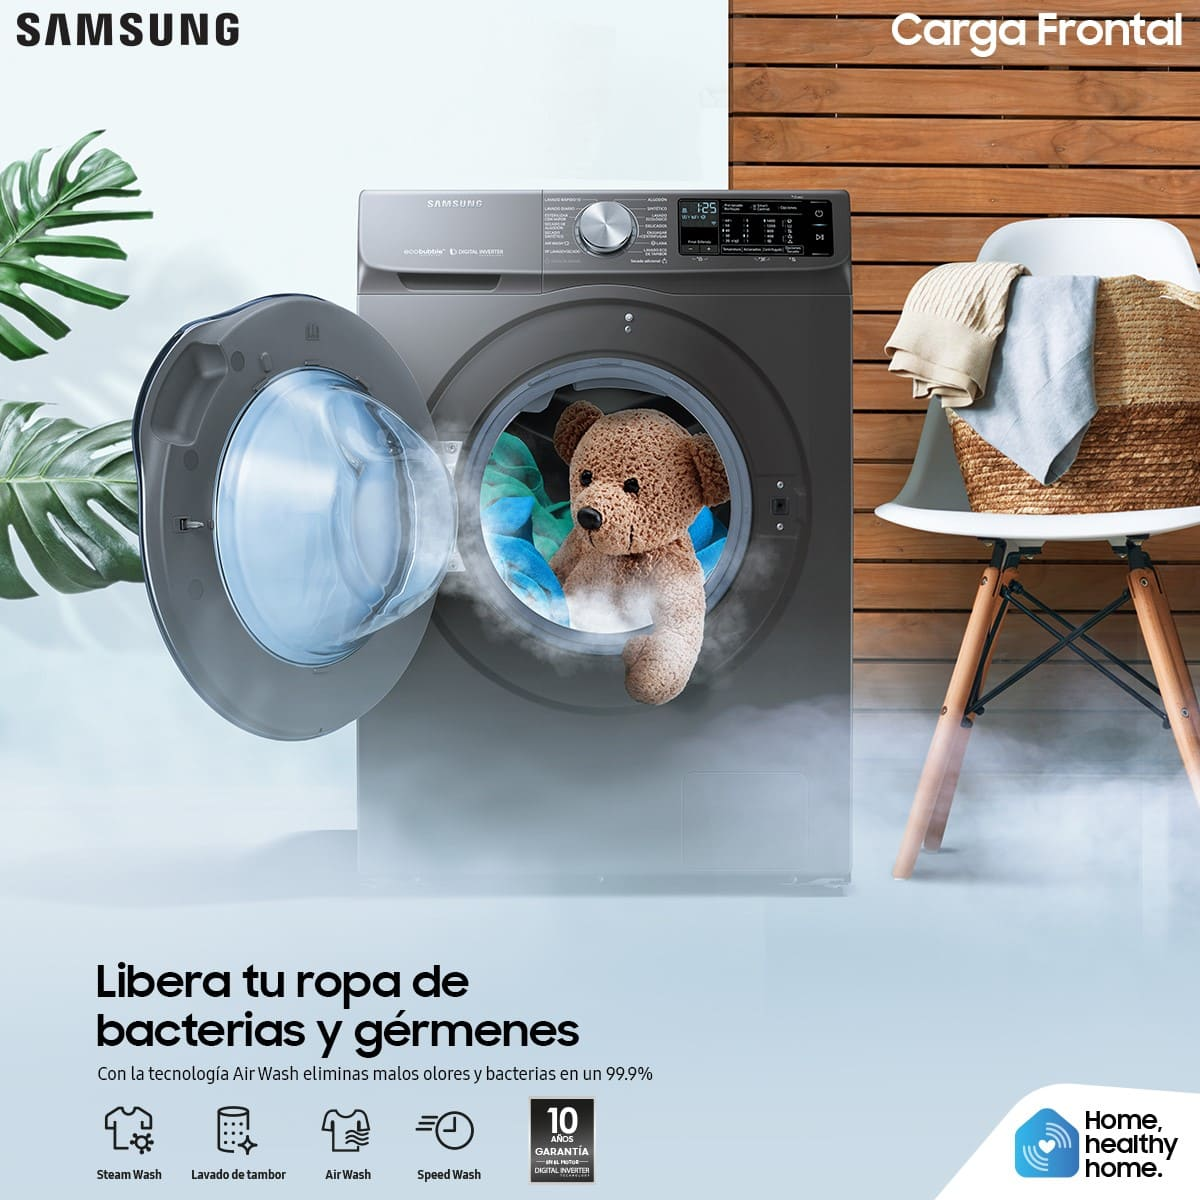 Conserve la calidad de su ropa con las lavadoras inteligentes de Samsung